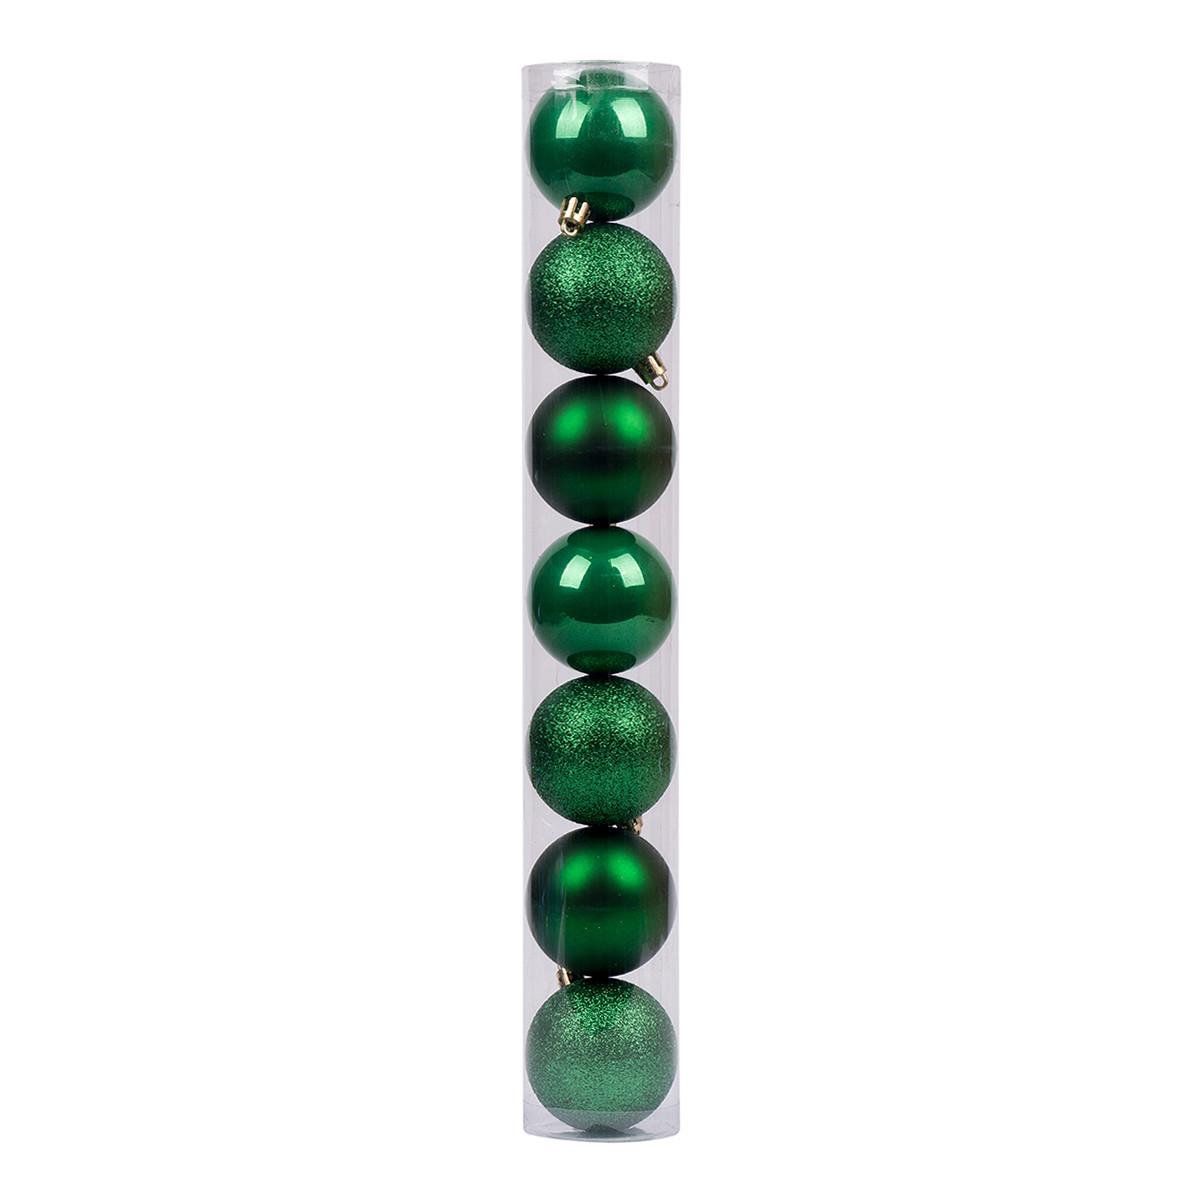 Набір новорічних куль Novogod'ko, пластик, 6 см, 7 шт/уп, зелений